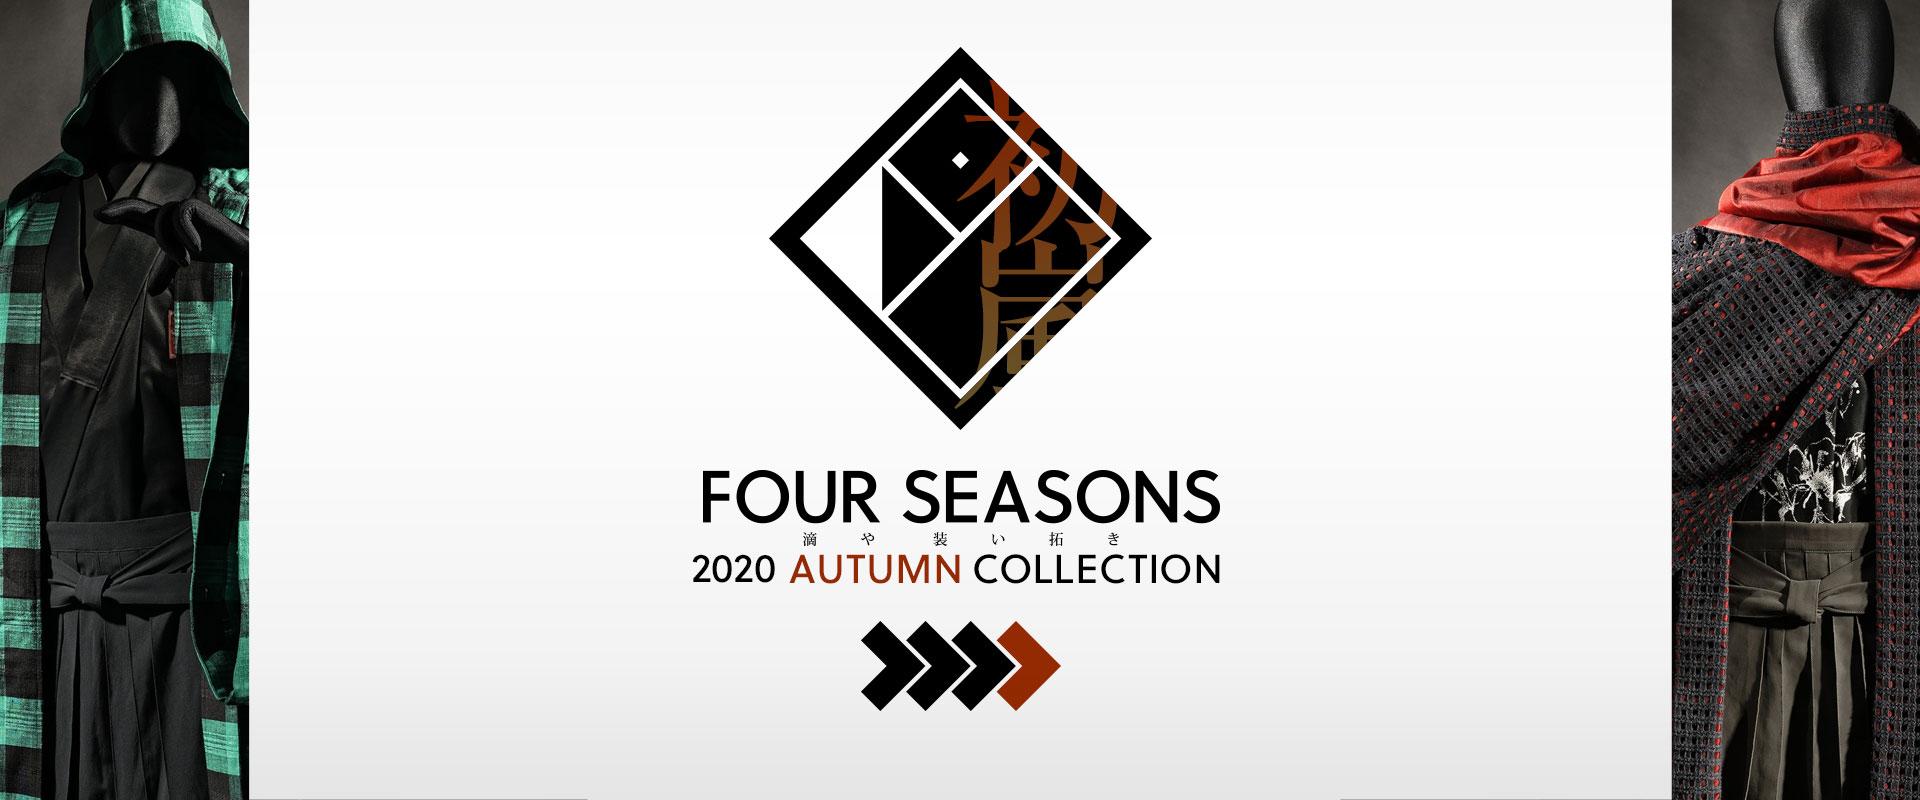 [PHOTO:FOUR SEASONS 2020 AUTUMN COLLECTION]